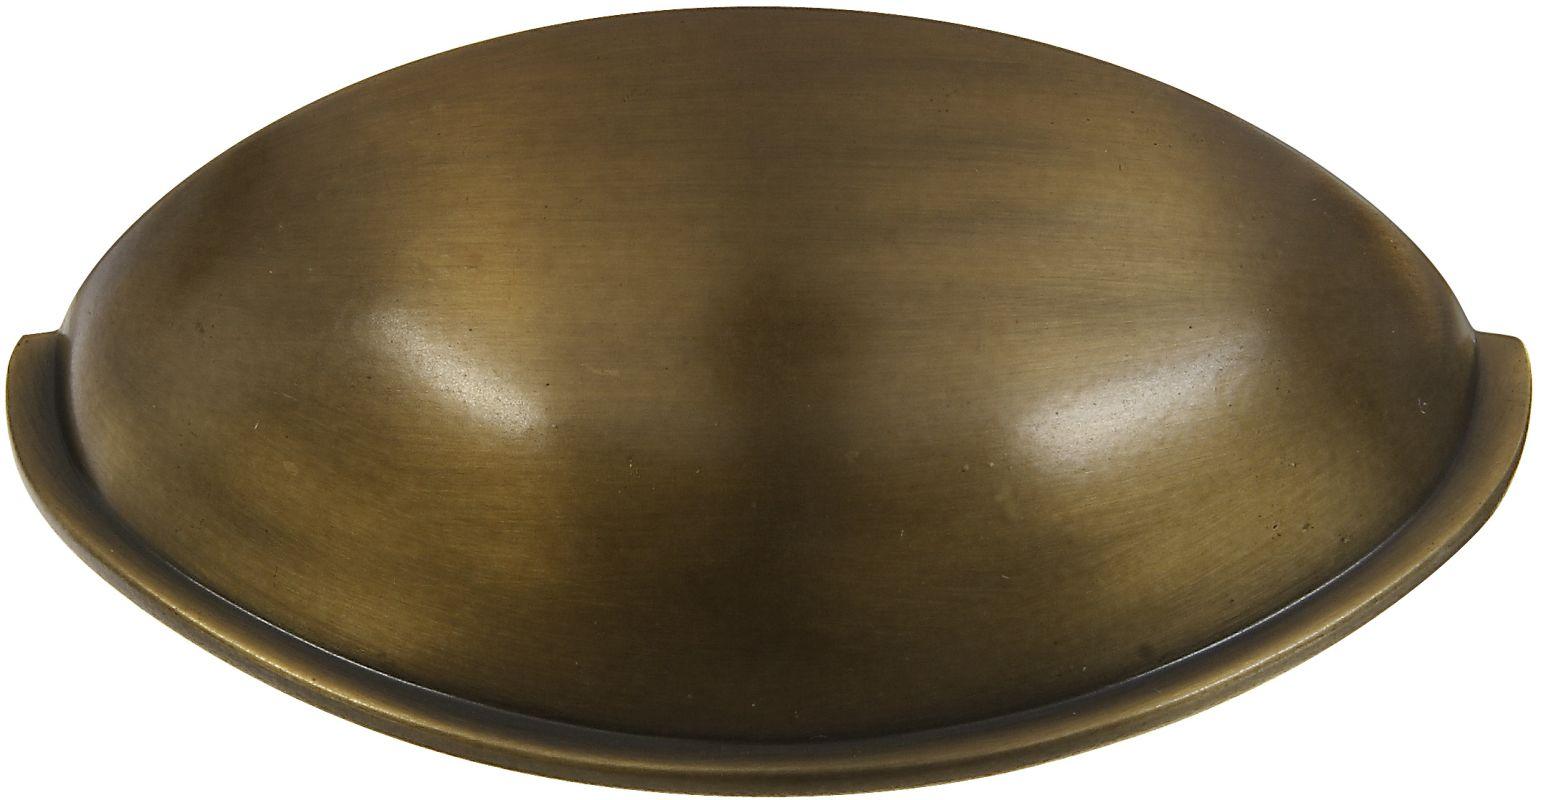 stanley home designs bb8019abz antique bronze 2 9 16 inch center to